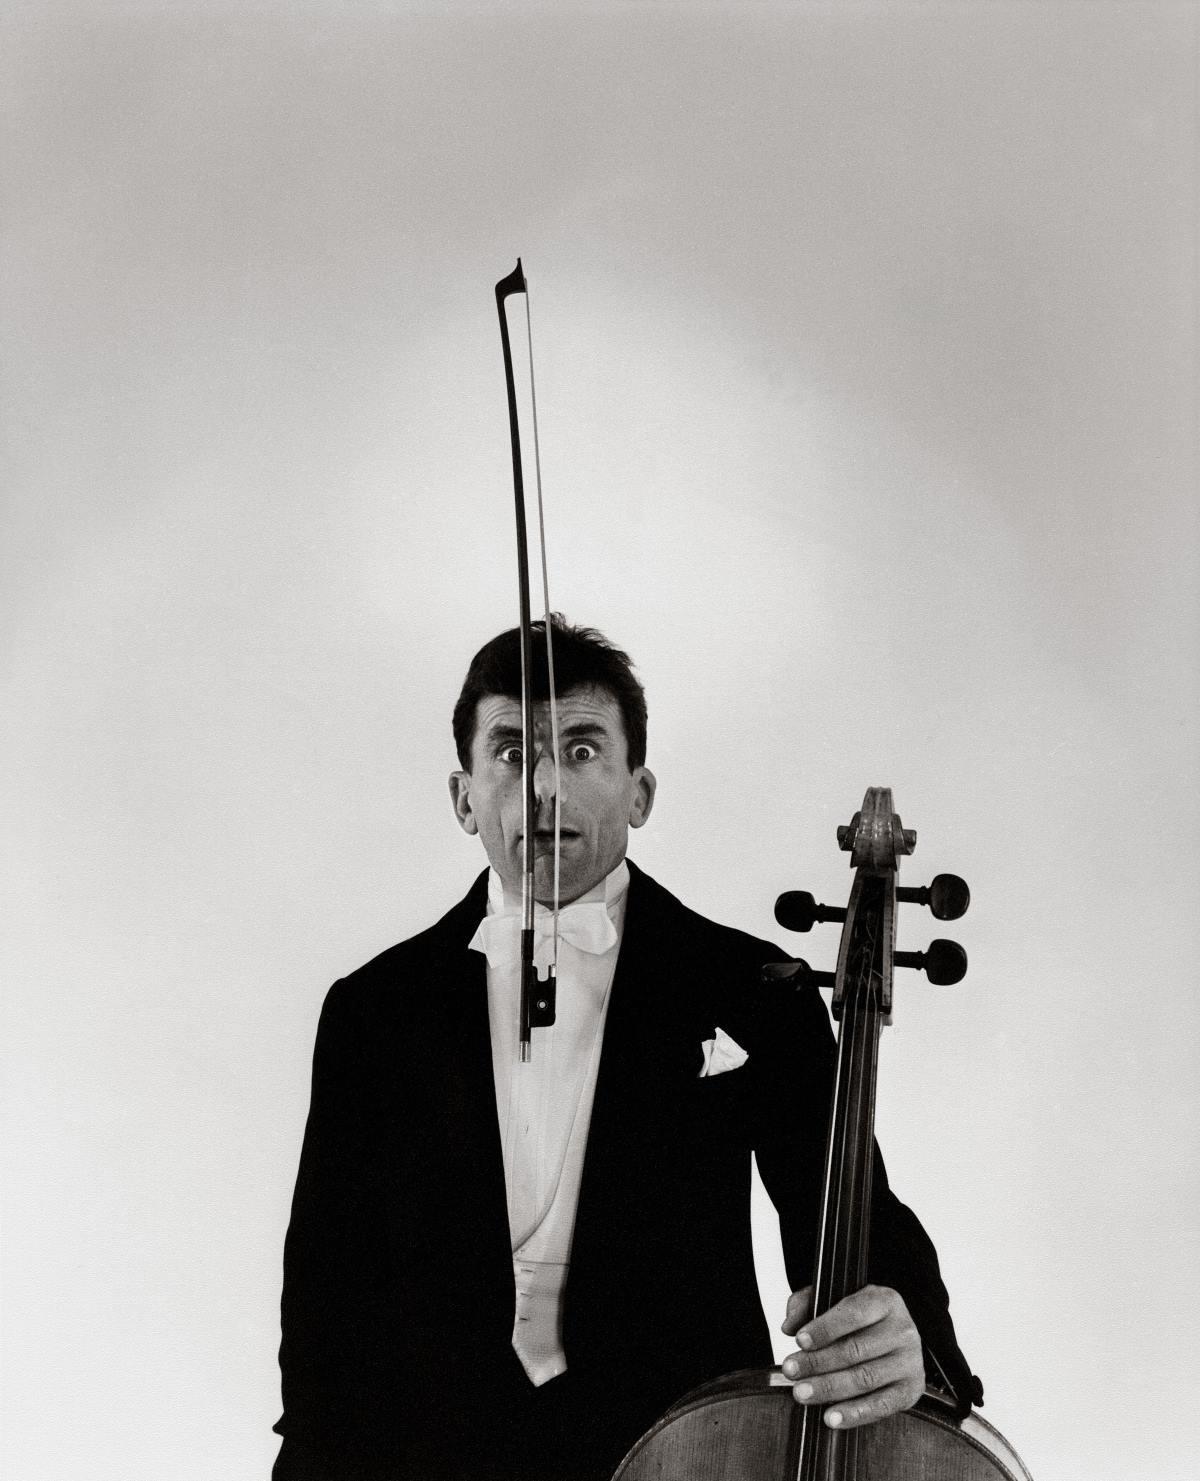 L'archet, 1958 © Atelier Robert Doisneau